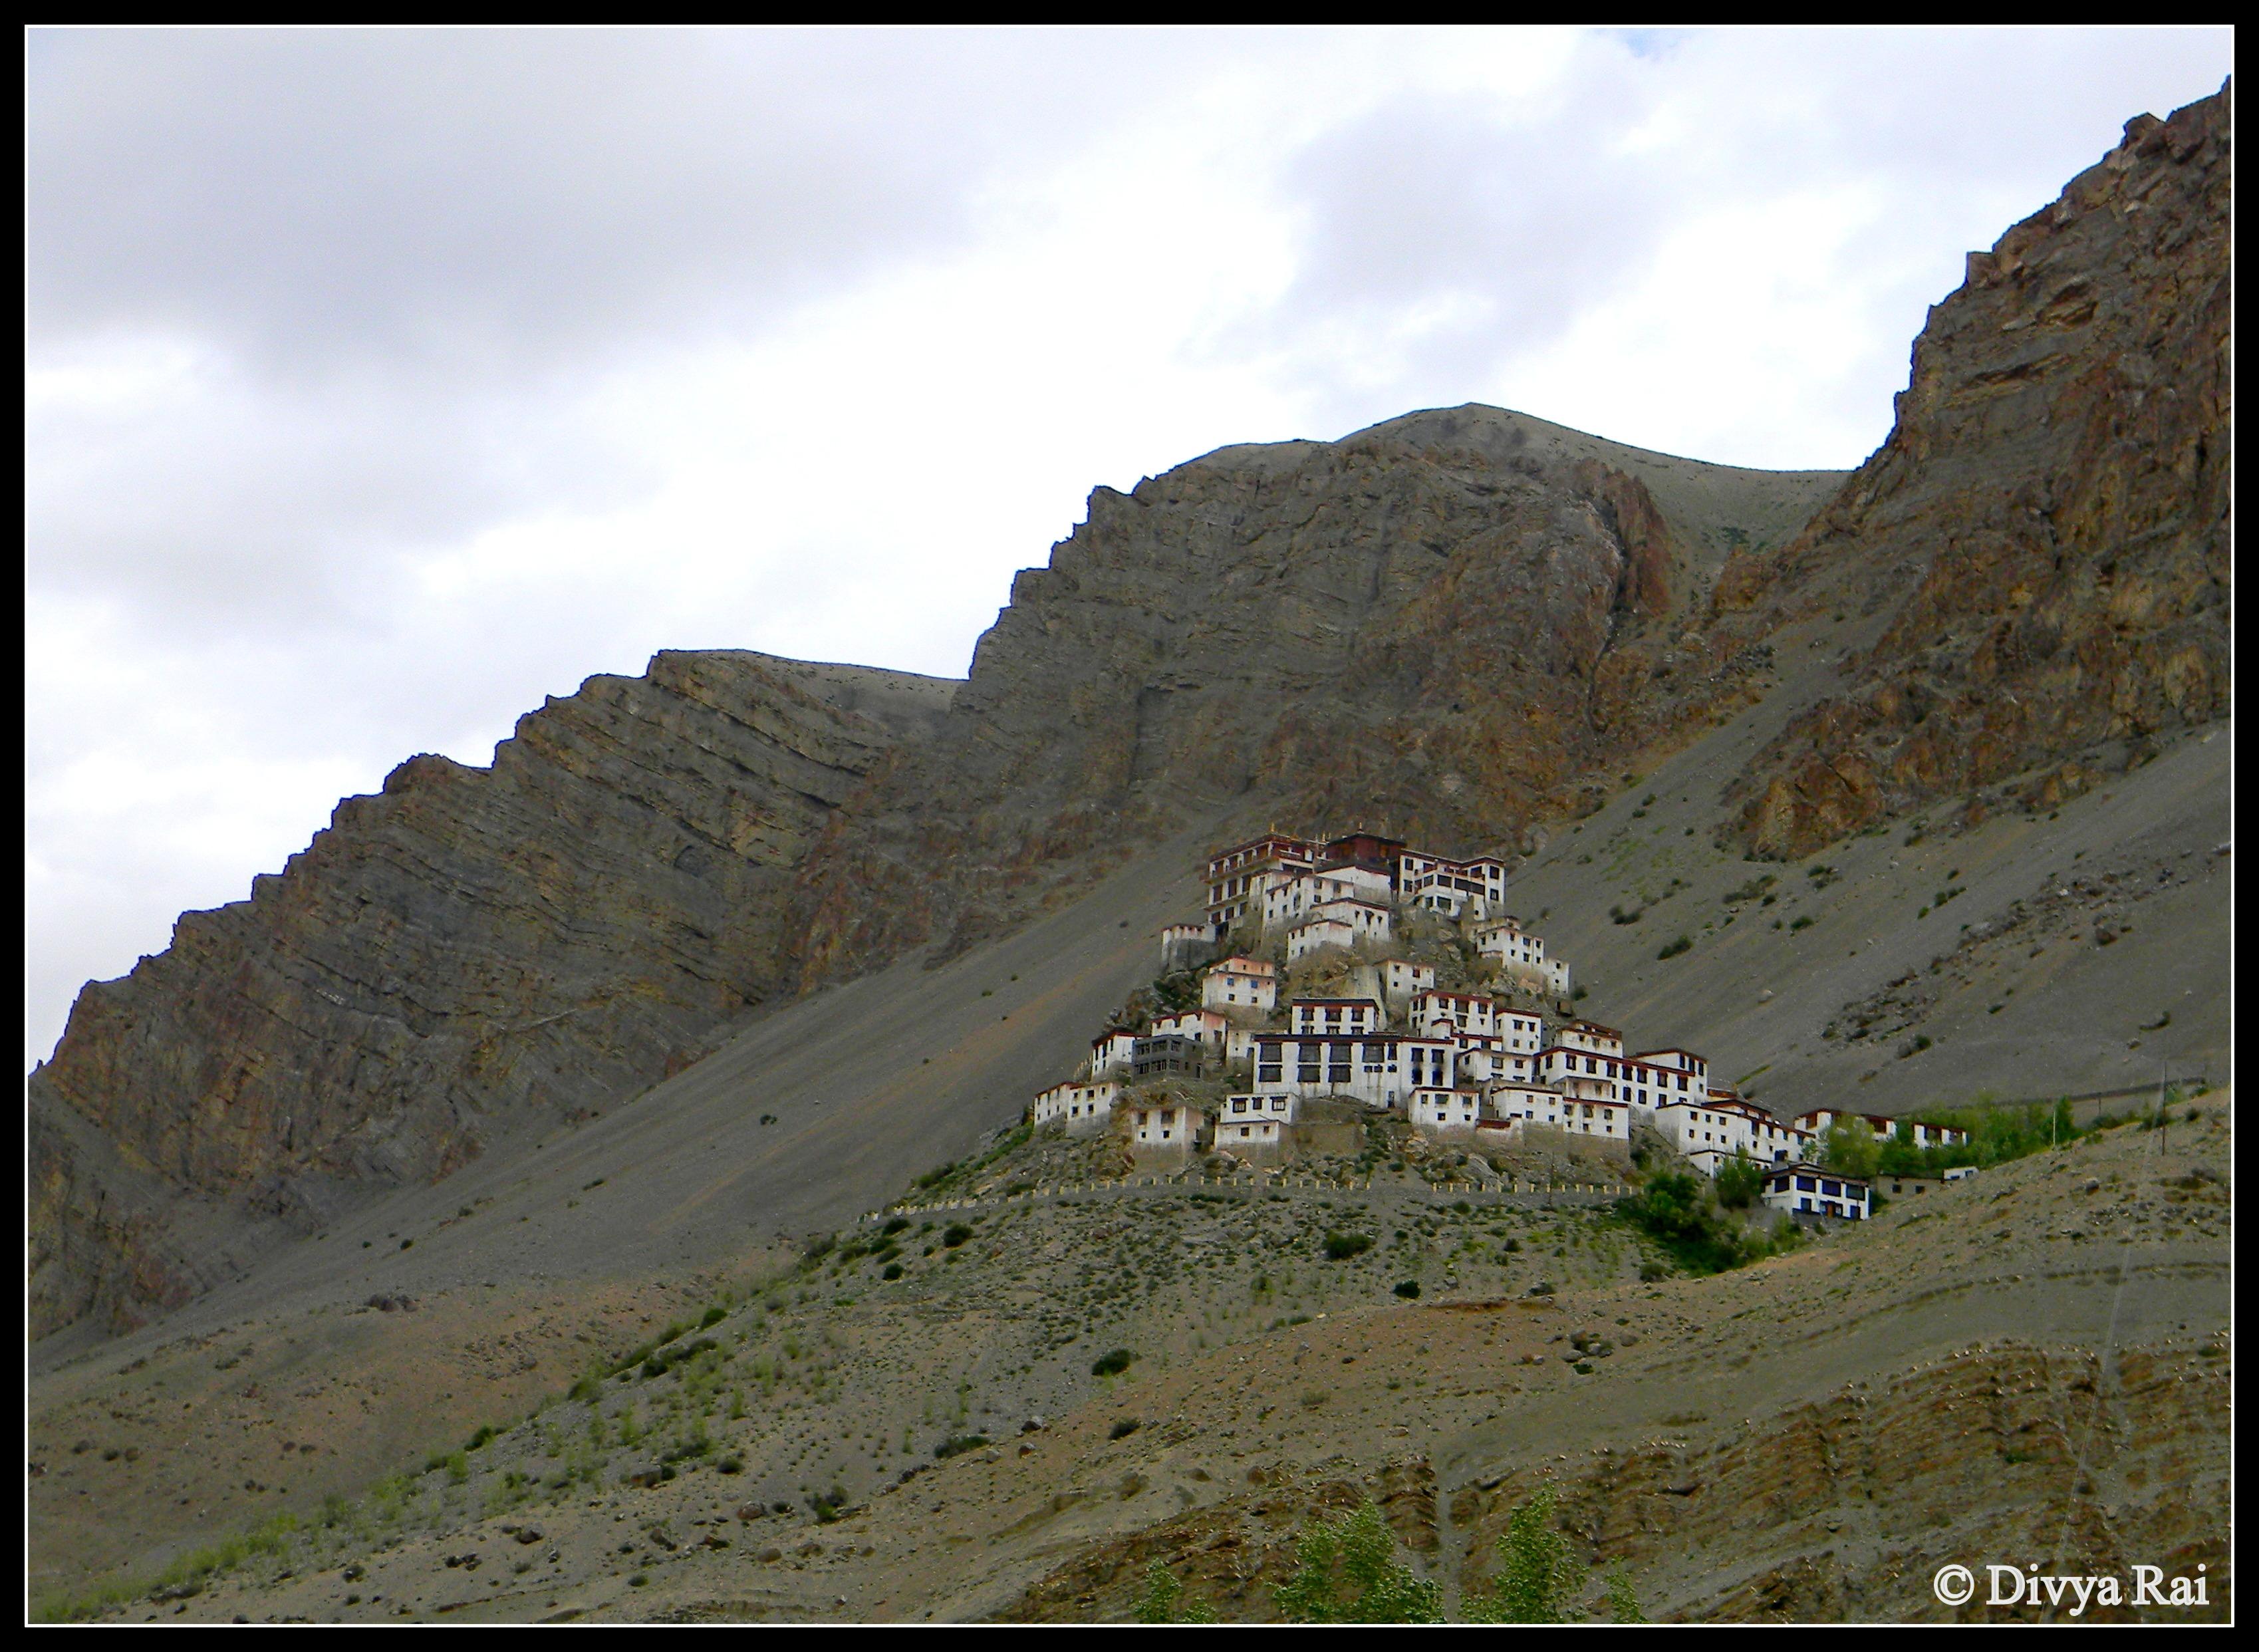 Kyi monastery